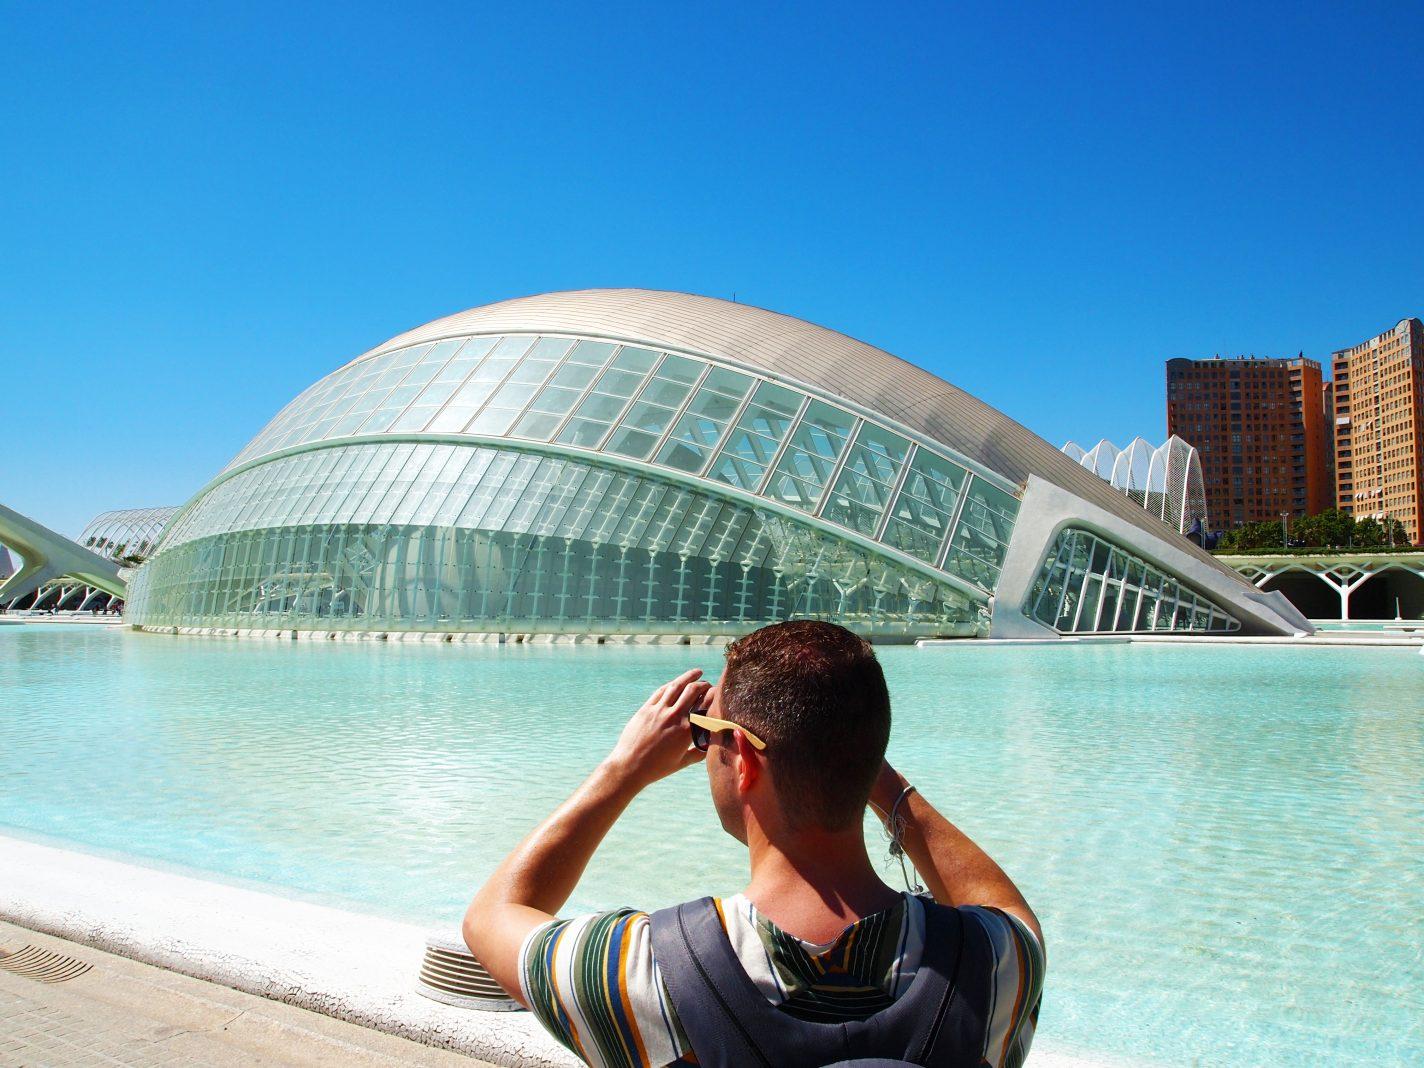 Top 20 stedentrips - Stedentrip Valencia